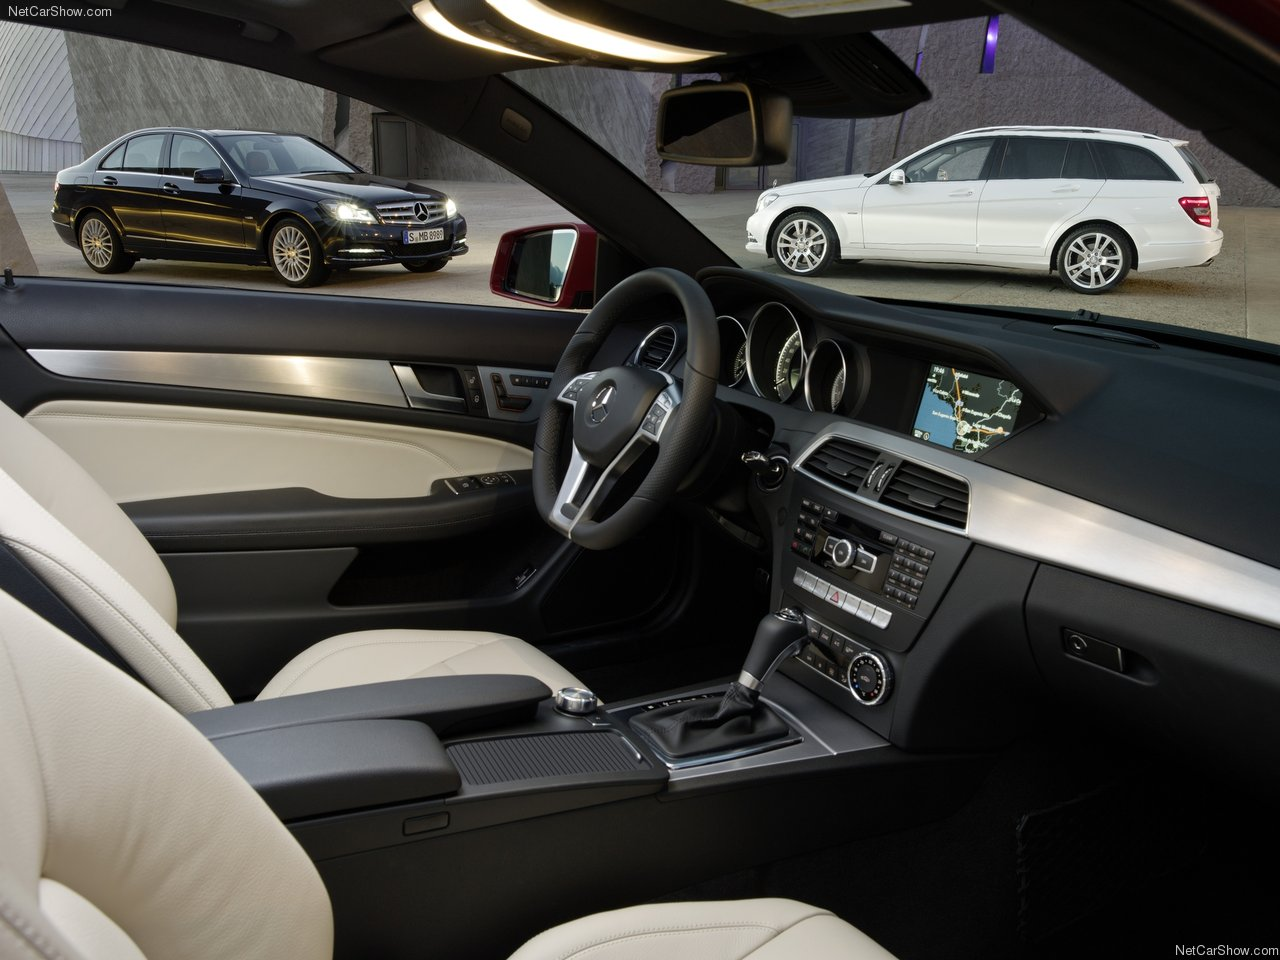 http://3.bp.blogspot.com/_OxQU_AmEgy0/TSX-R5laFxI/AAAAAAAACcY/ORsWZ3Ct4Xc/s1600/Mercedes-Benz-C-Class_2012_1280x960_wallpaper_14.jpg